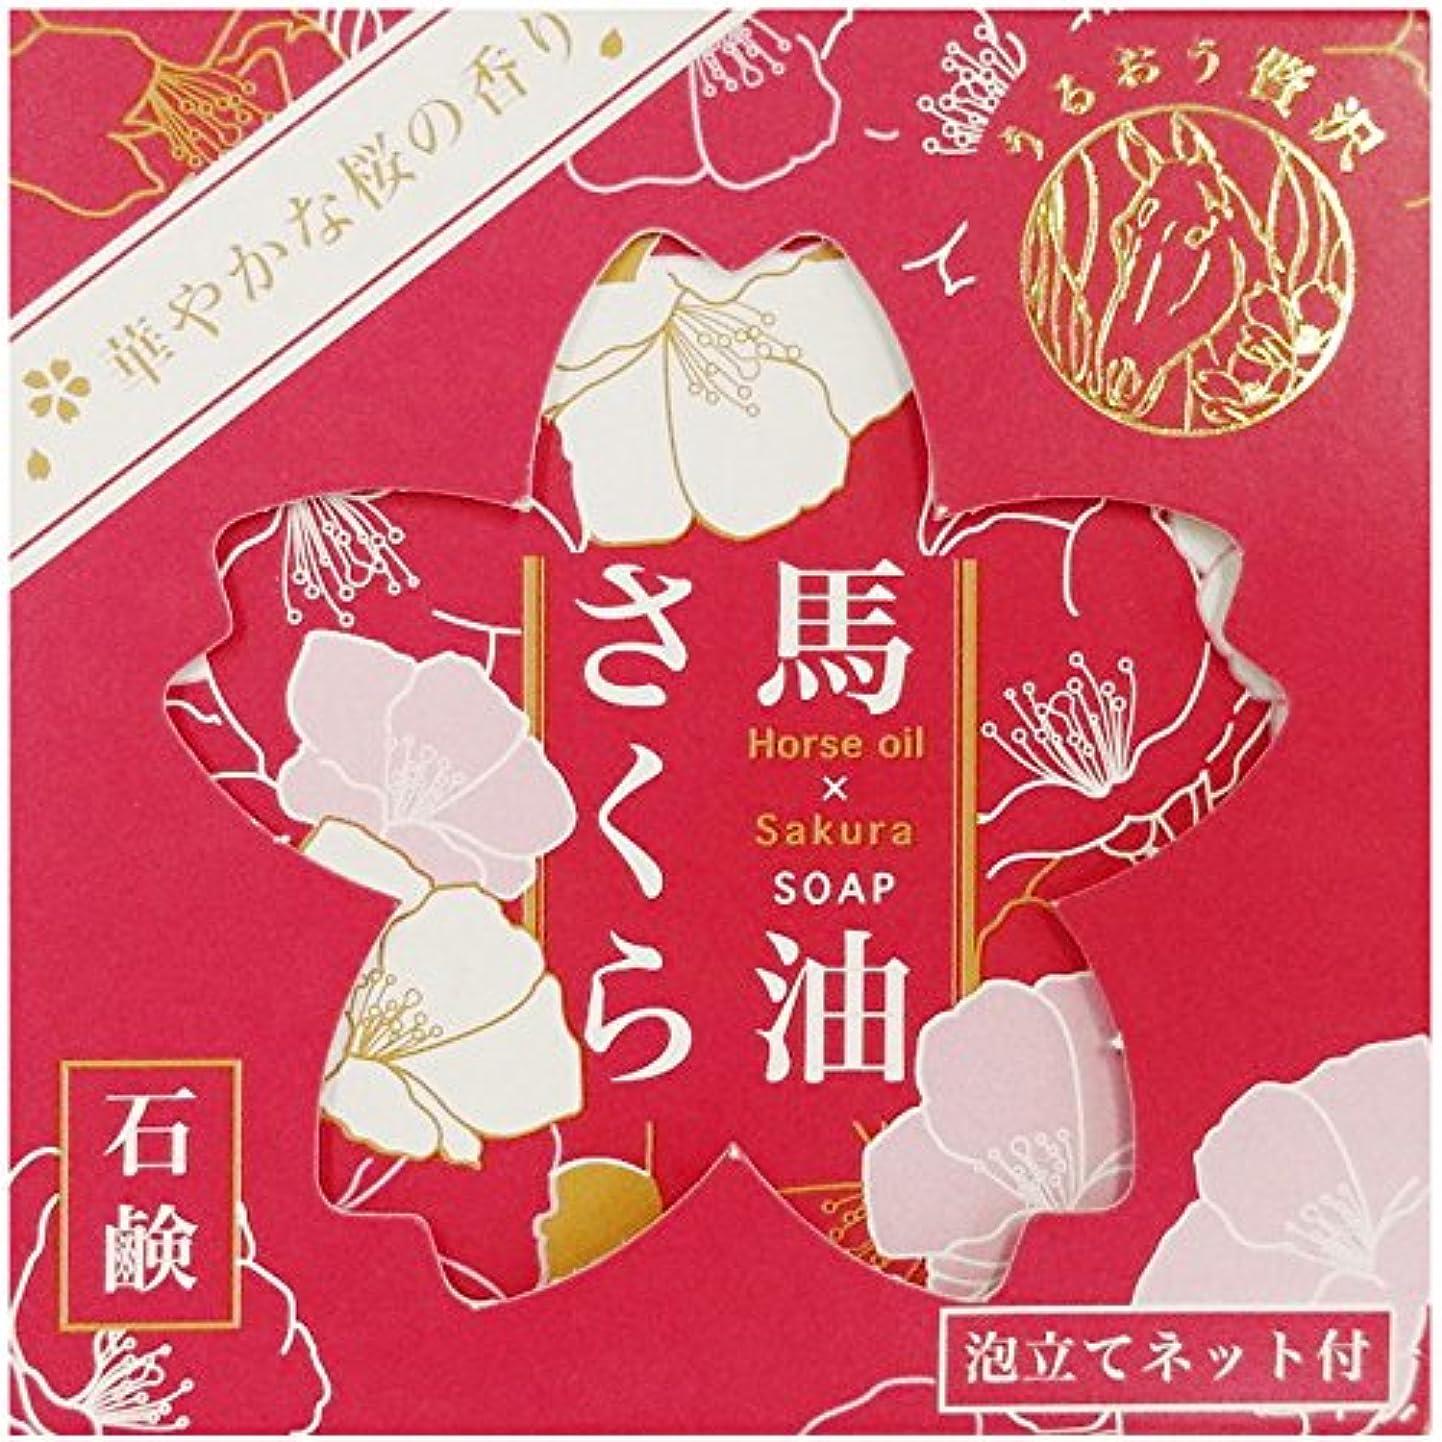 コジオスコ降雨膿瘍馬油さくら石鹸 (泡立てネット付き)(100g)